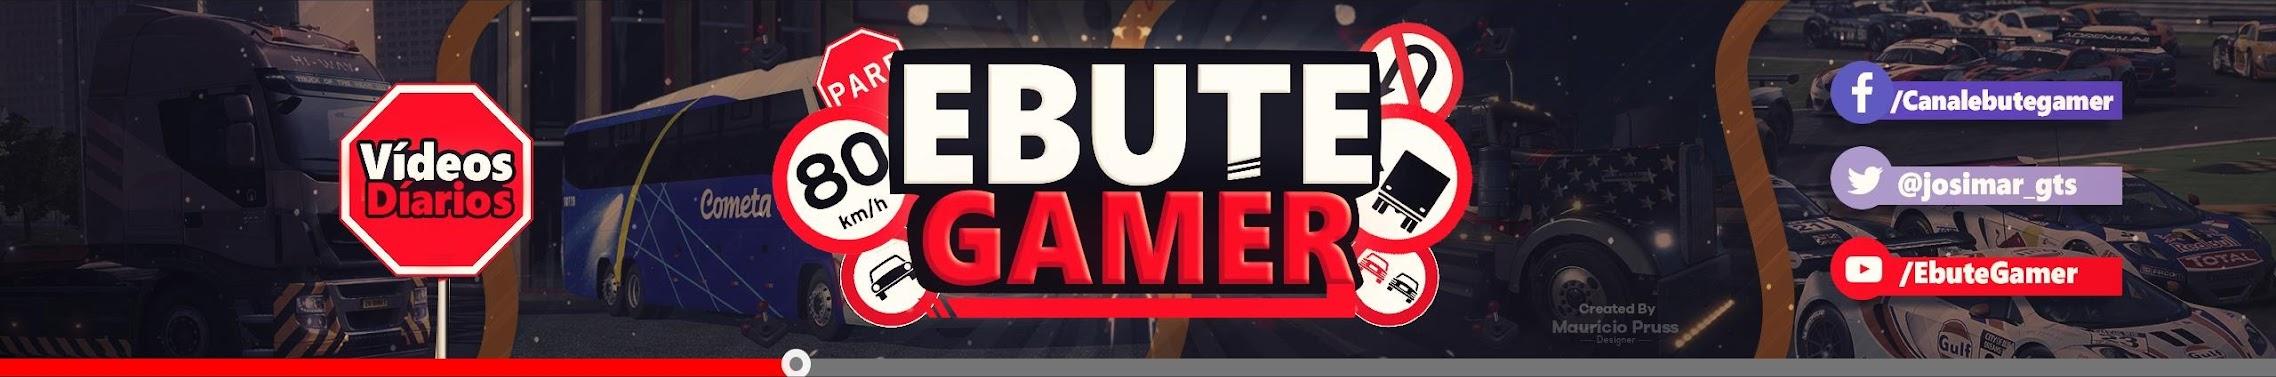 Channel Ebute Gamer - Vinepk